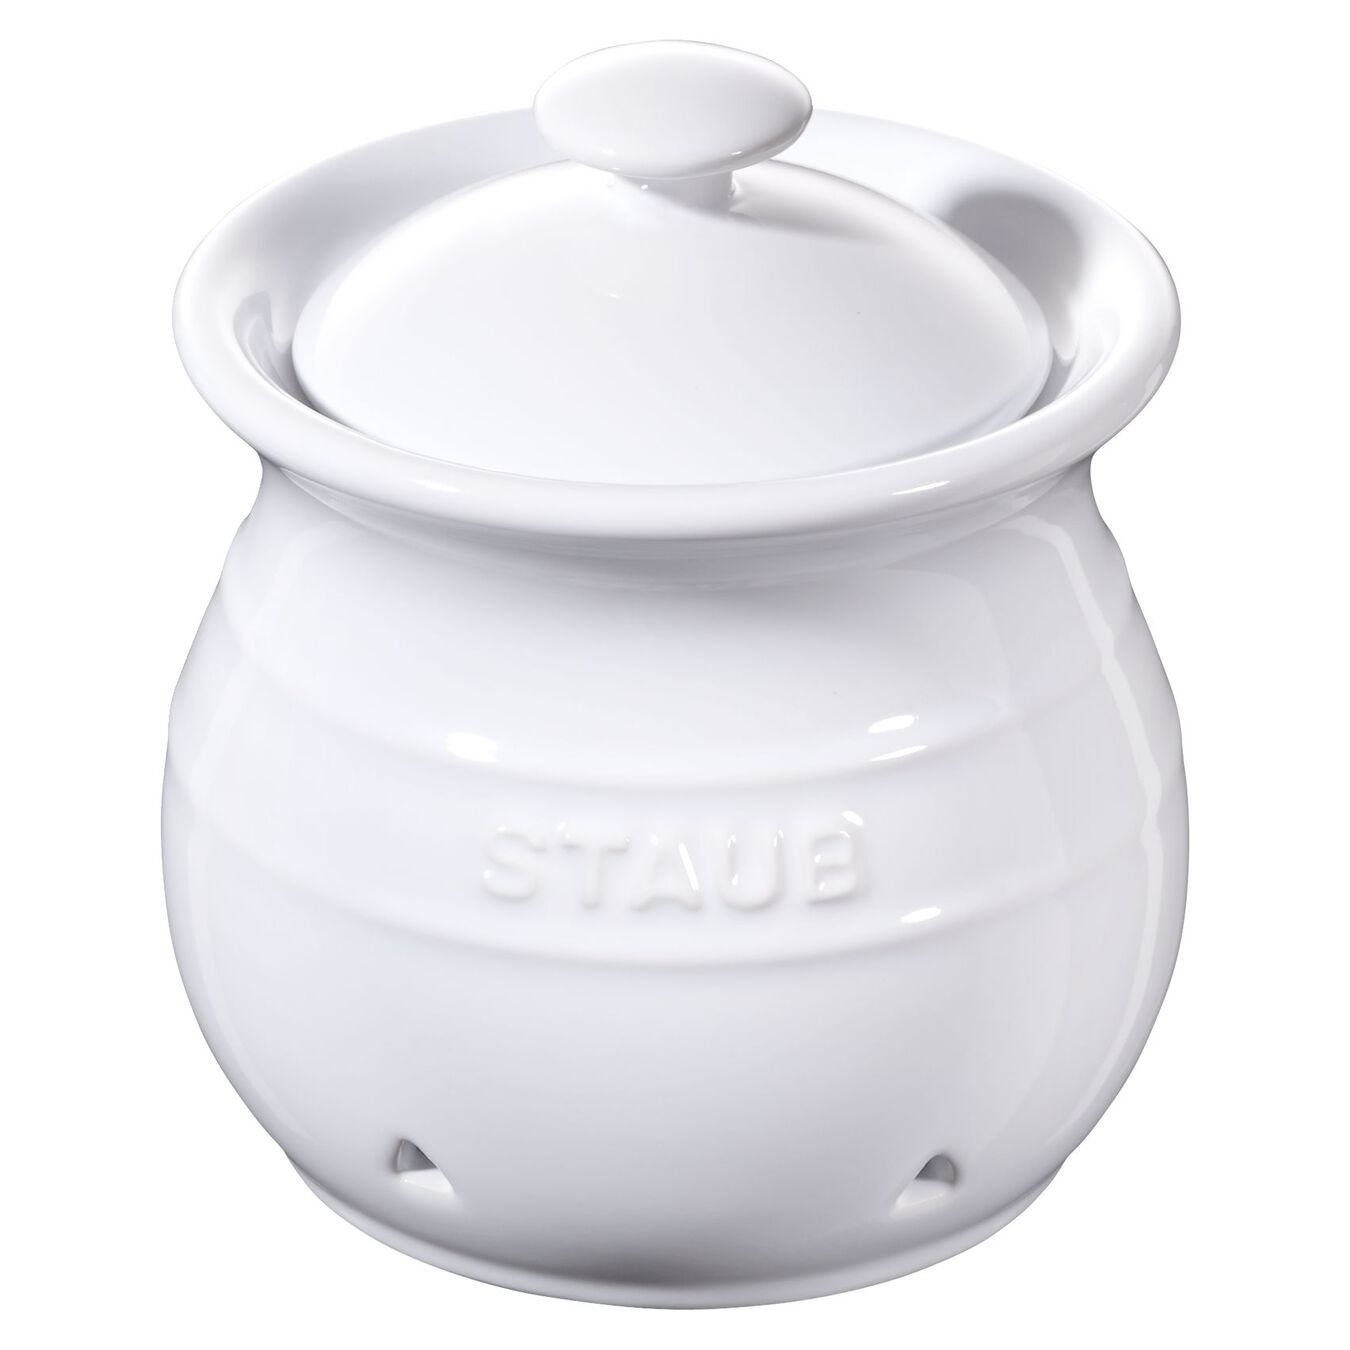 Porta aglio - 11 cm, ceramica,,large 1